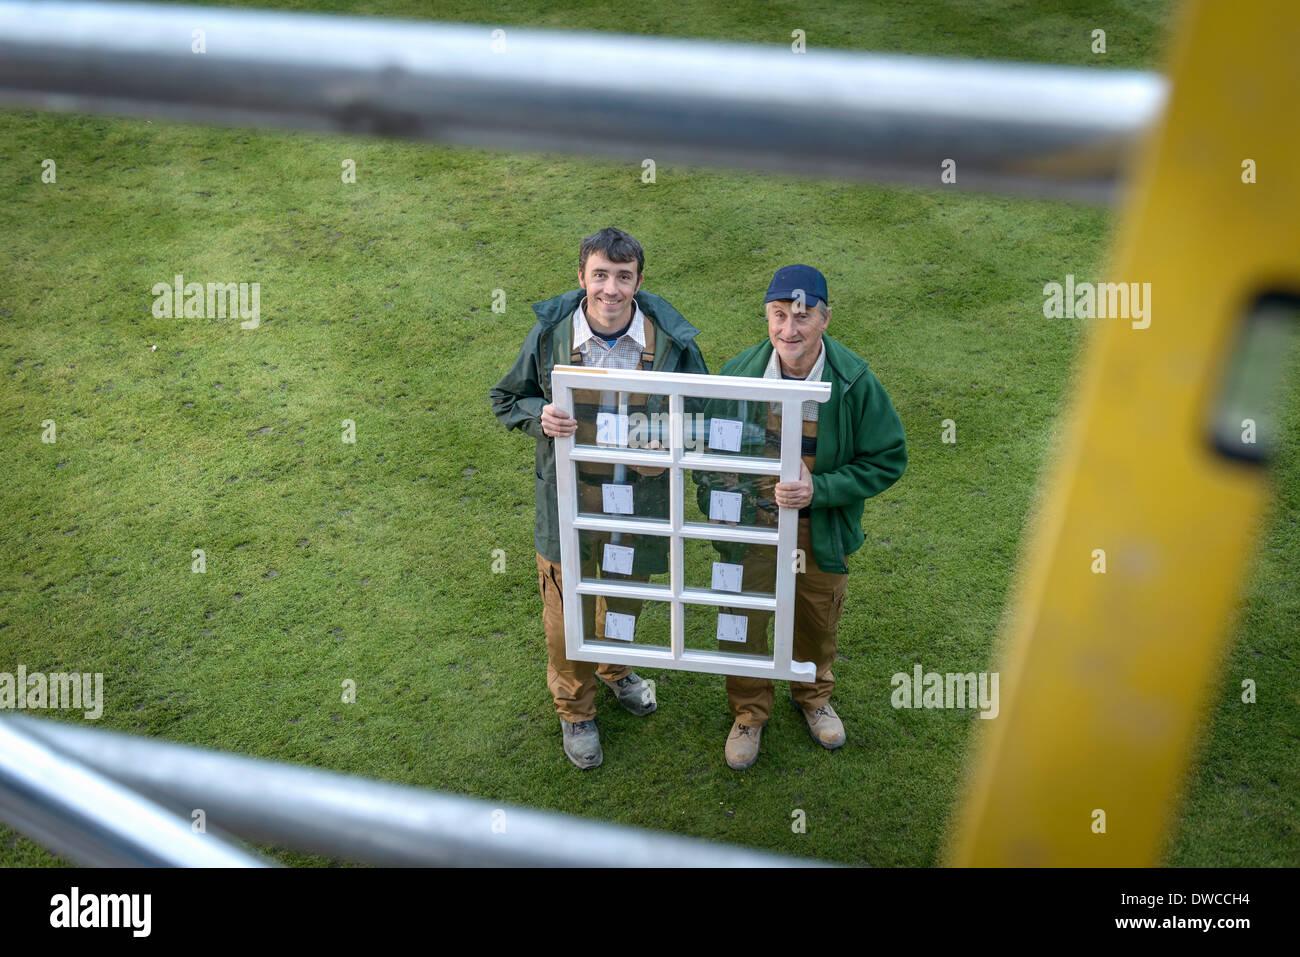 Portrait de père et fils builders holding nouvelle fenêtre, high angle view Photo Stock